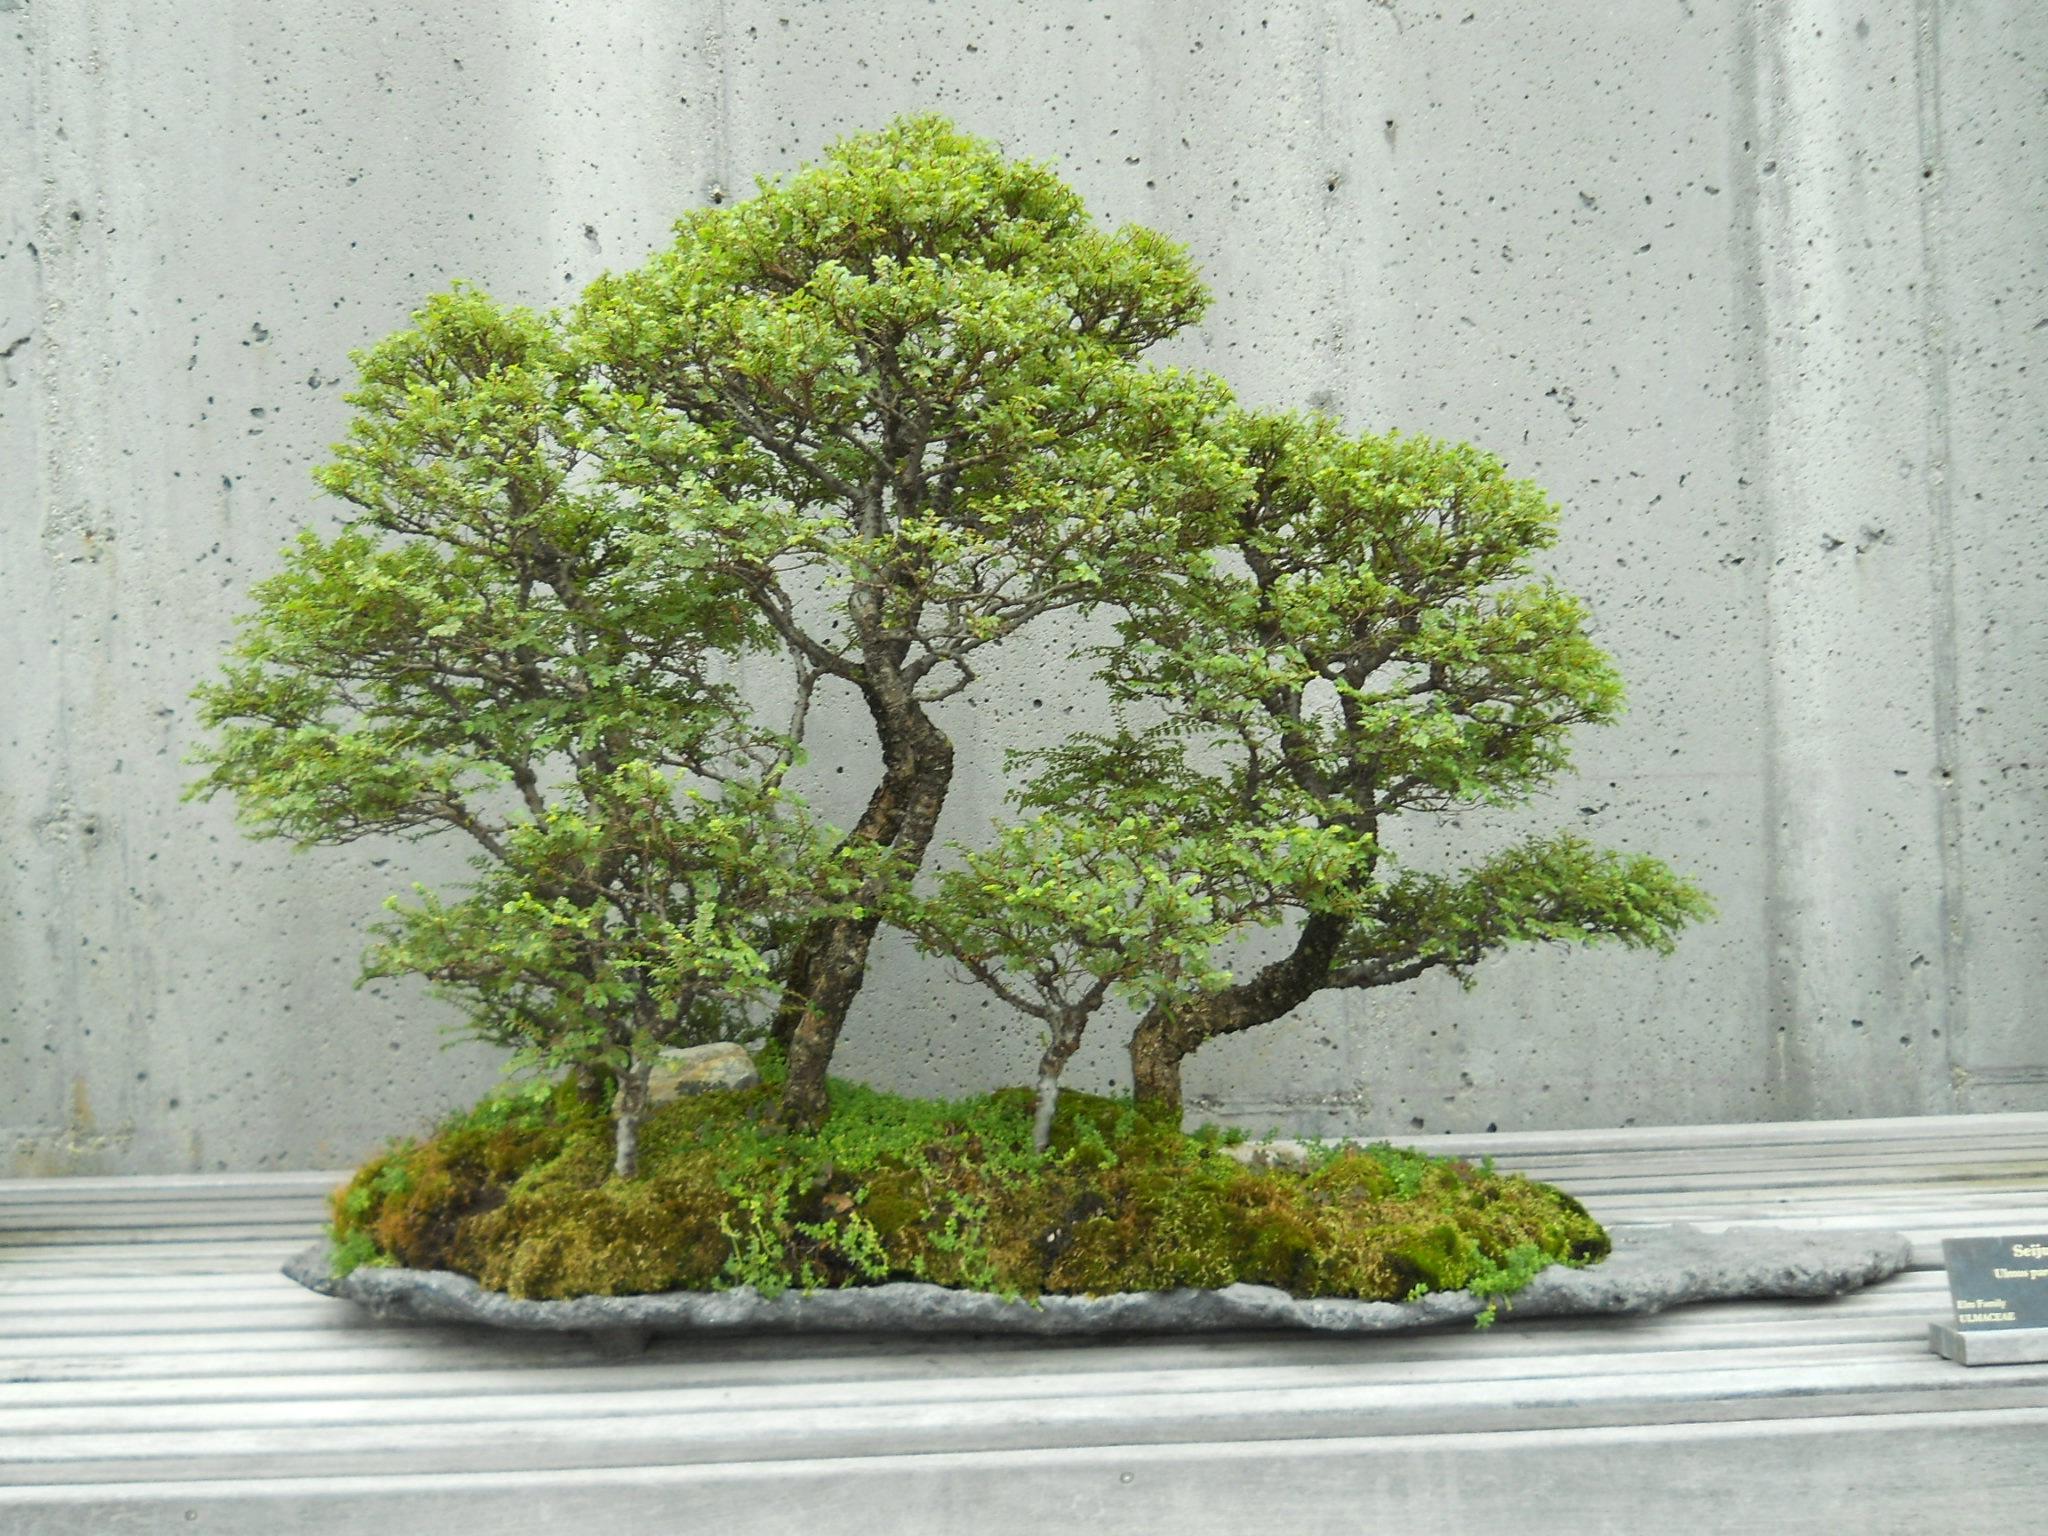 Gambar Pohon Menanam Dekorasi Taman Jepang Tanaman